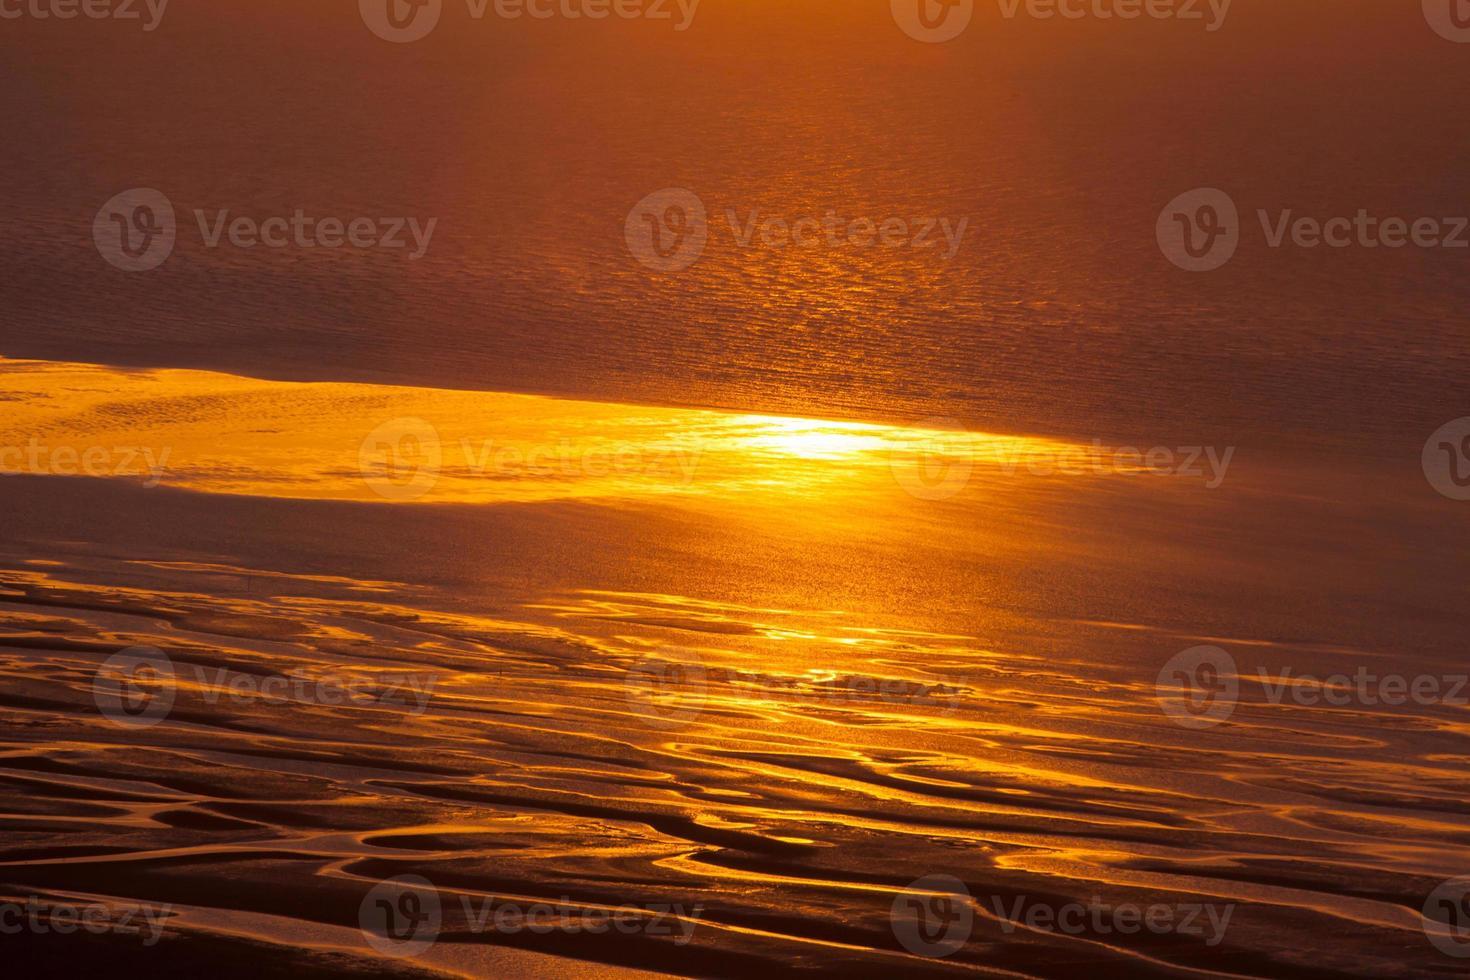 wolken en zonsondergang boven de oceaan foto